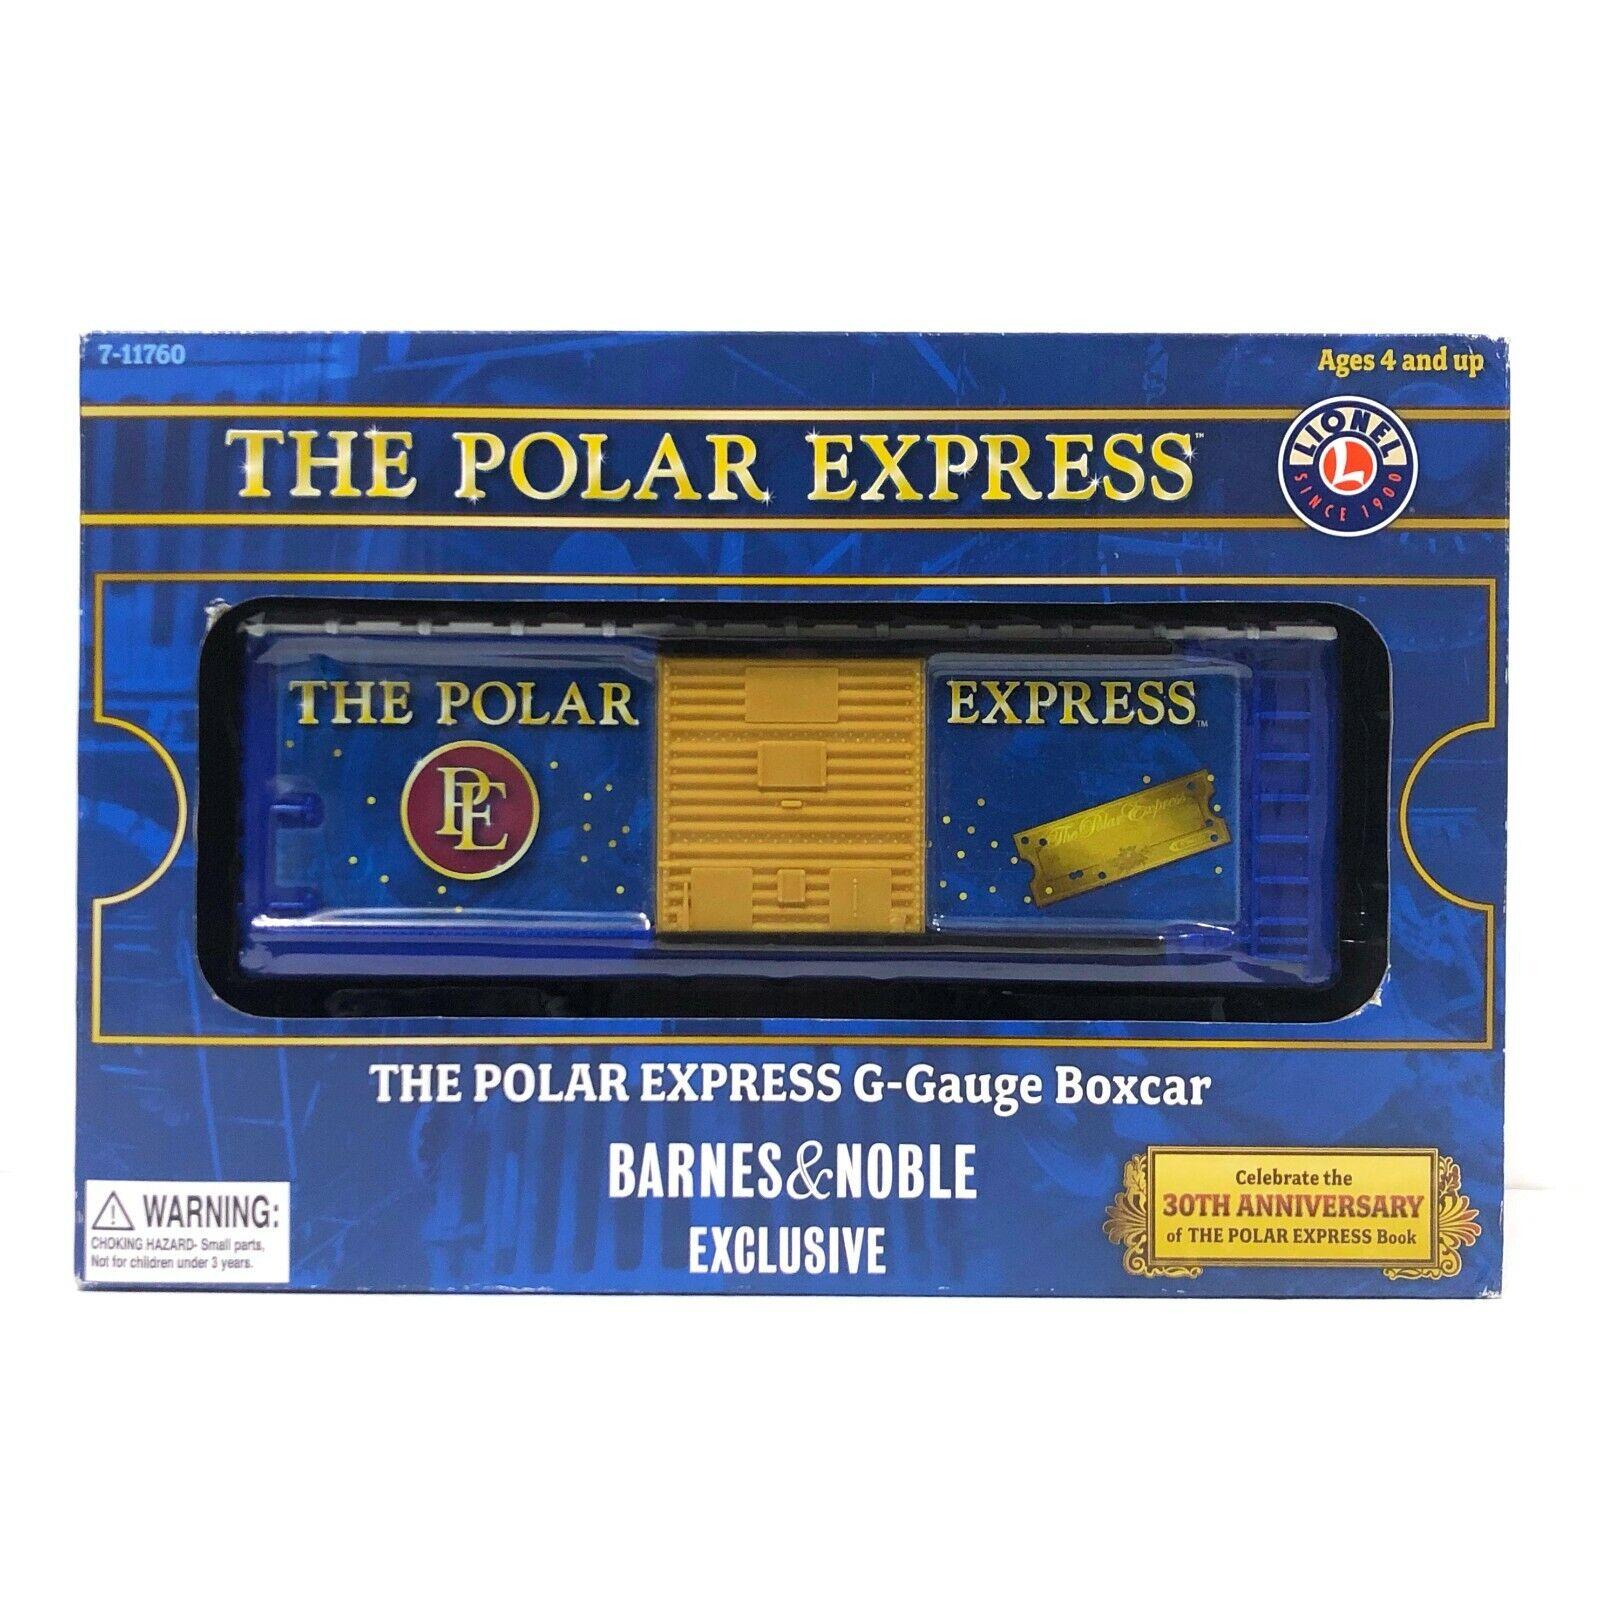 NUOVO Lionel il Polar Express GGauge scatolaauto Barnes & Noble esclusivo 711760 NUOVO IN SCATOLA